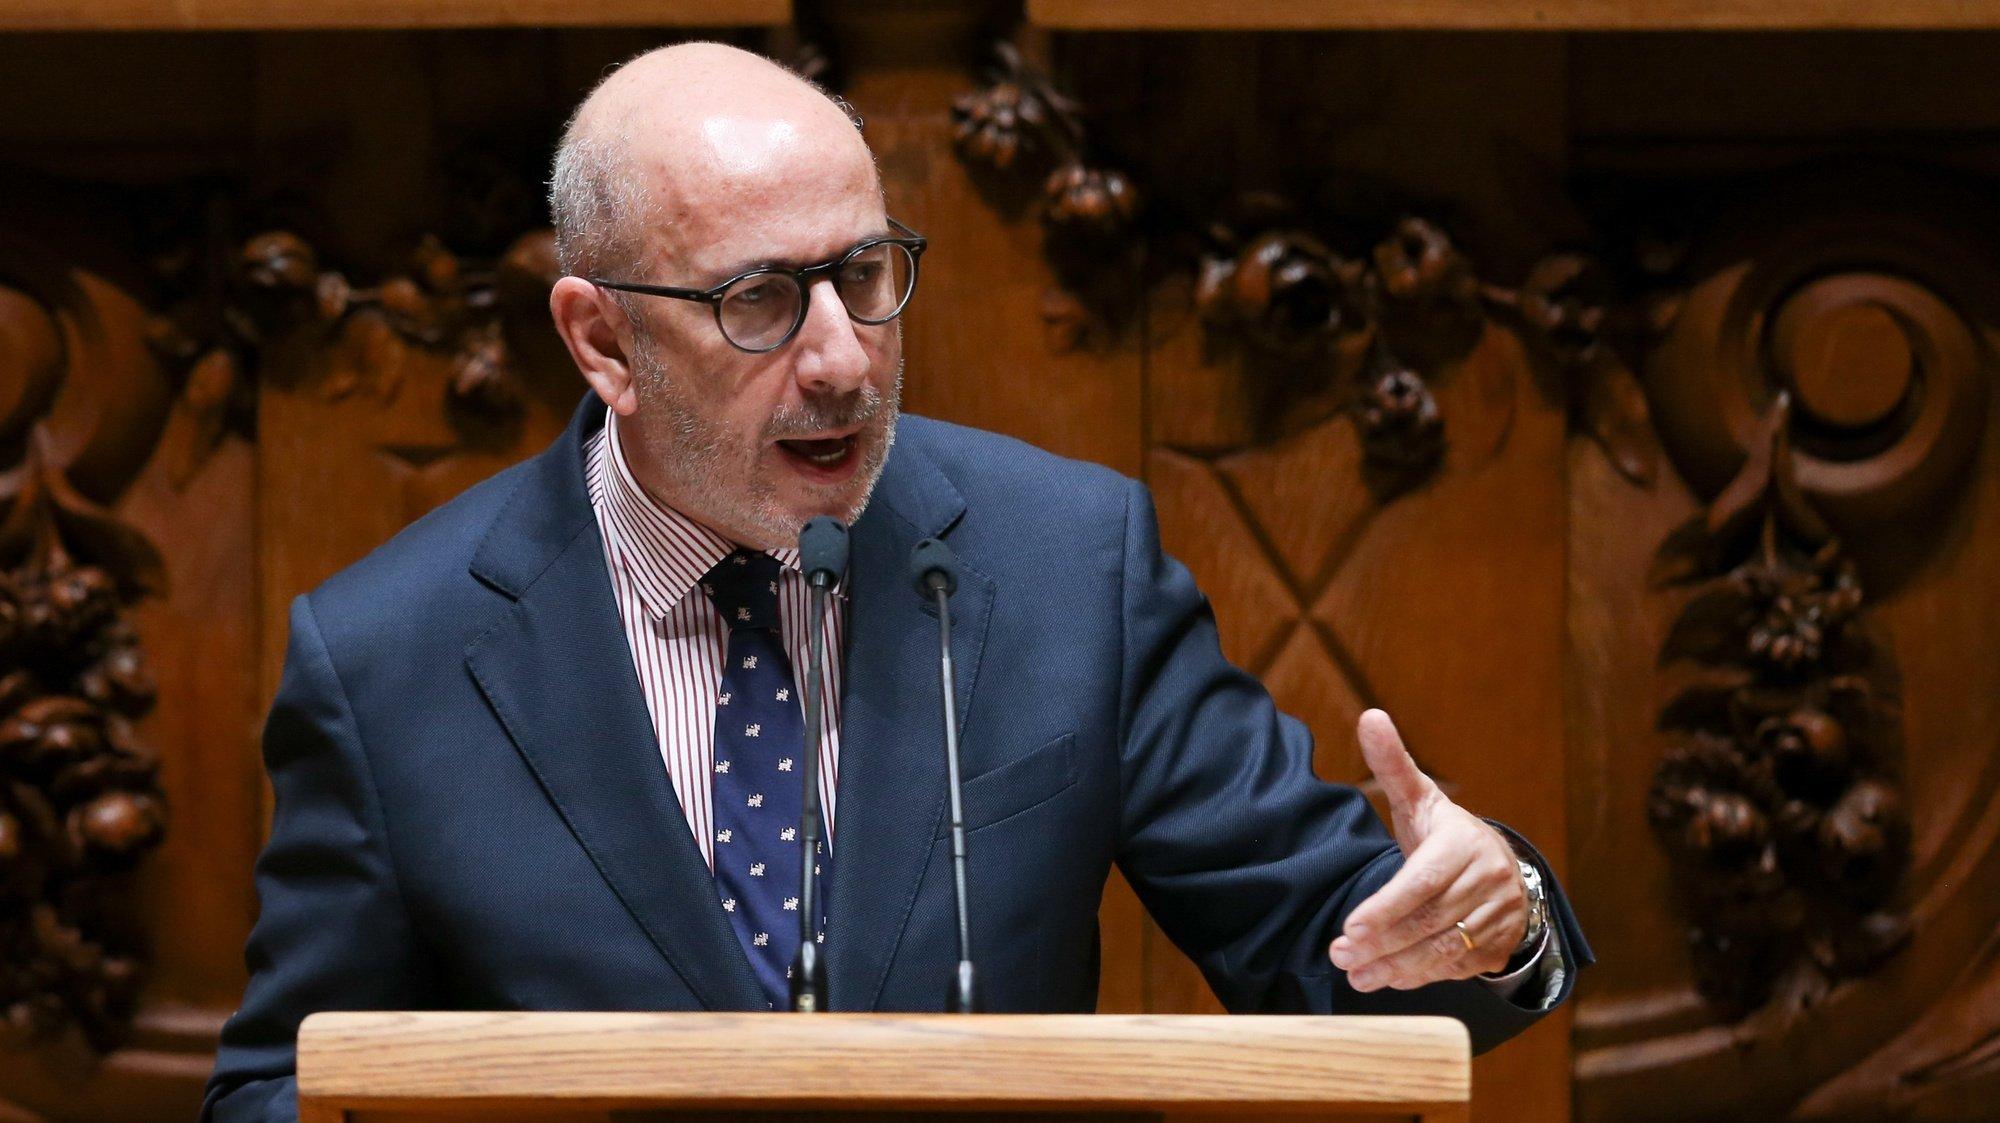 O deputado do Centro Democrático Social - Partido Popular (CDS-PP), Telmo Correia, fala durante a sessão plenária de debate sobre o pedido de autorização de renovação do Estado de Emergência realizado na Assembleia da República, em Lisboa, 11 de março de 2021.  MANUEL DE ALMEIDA/LUSA